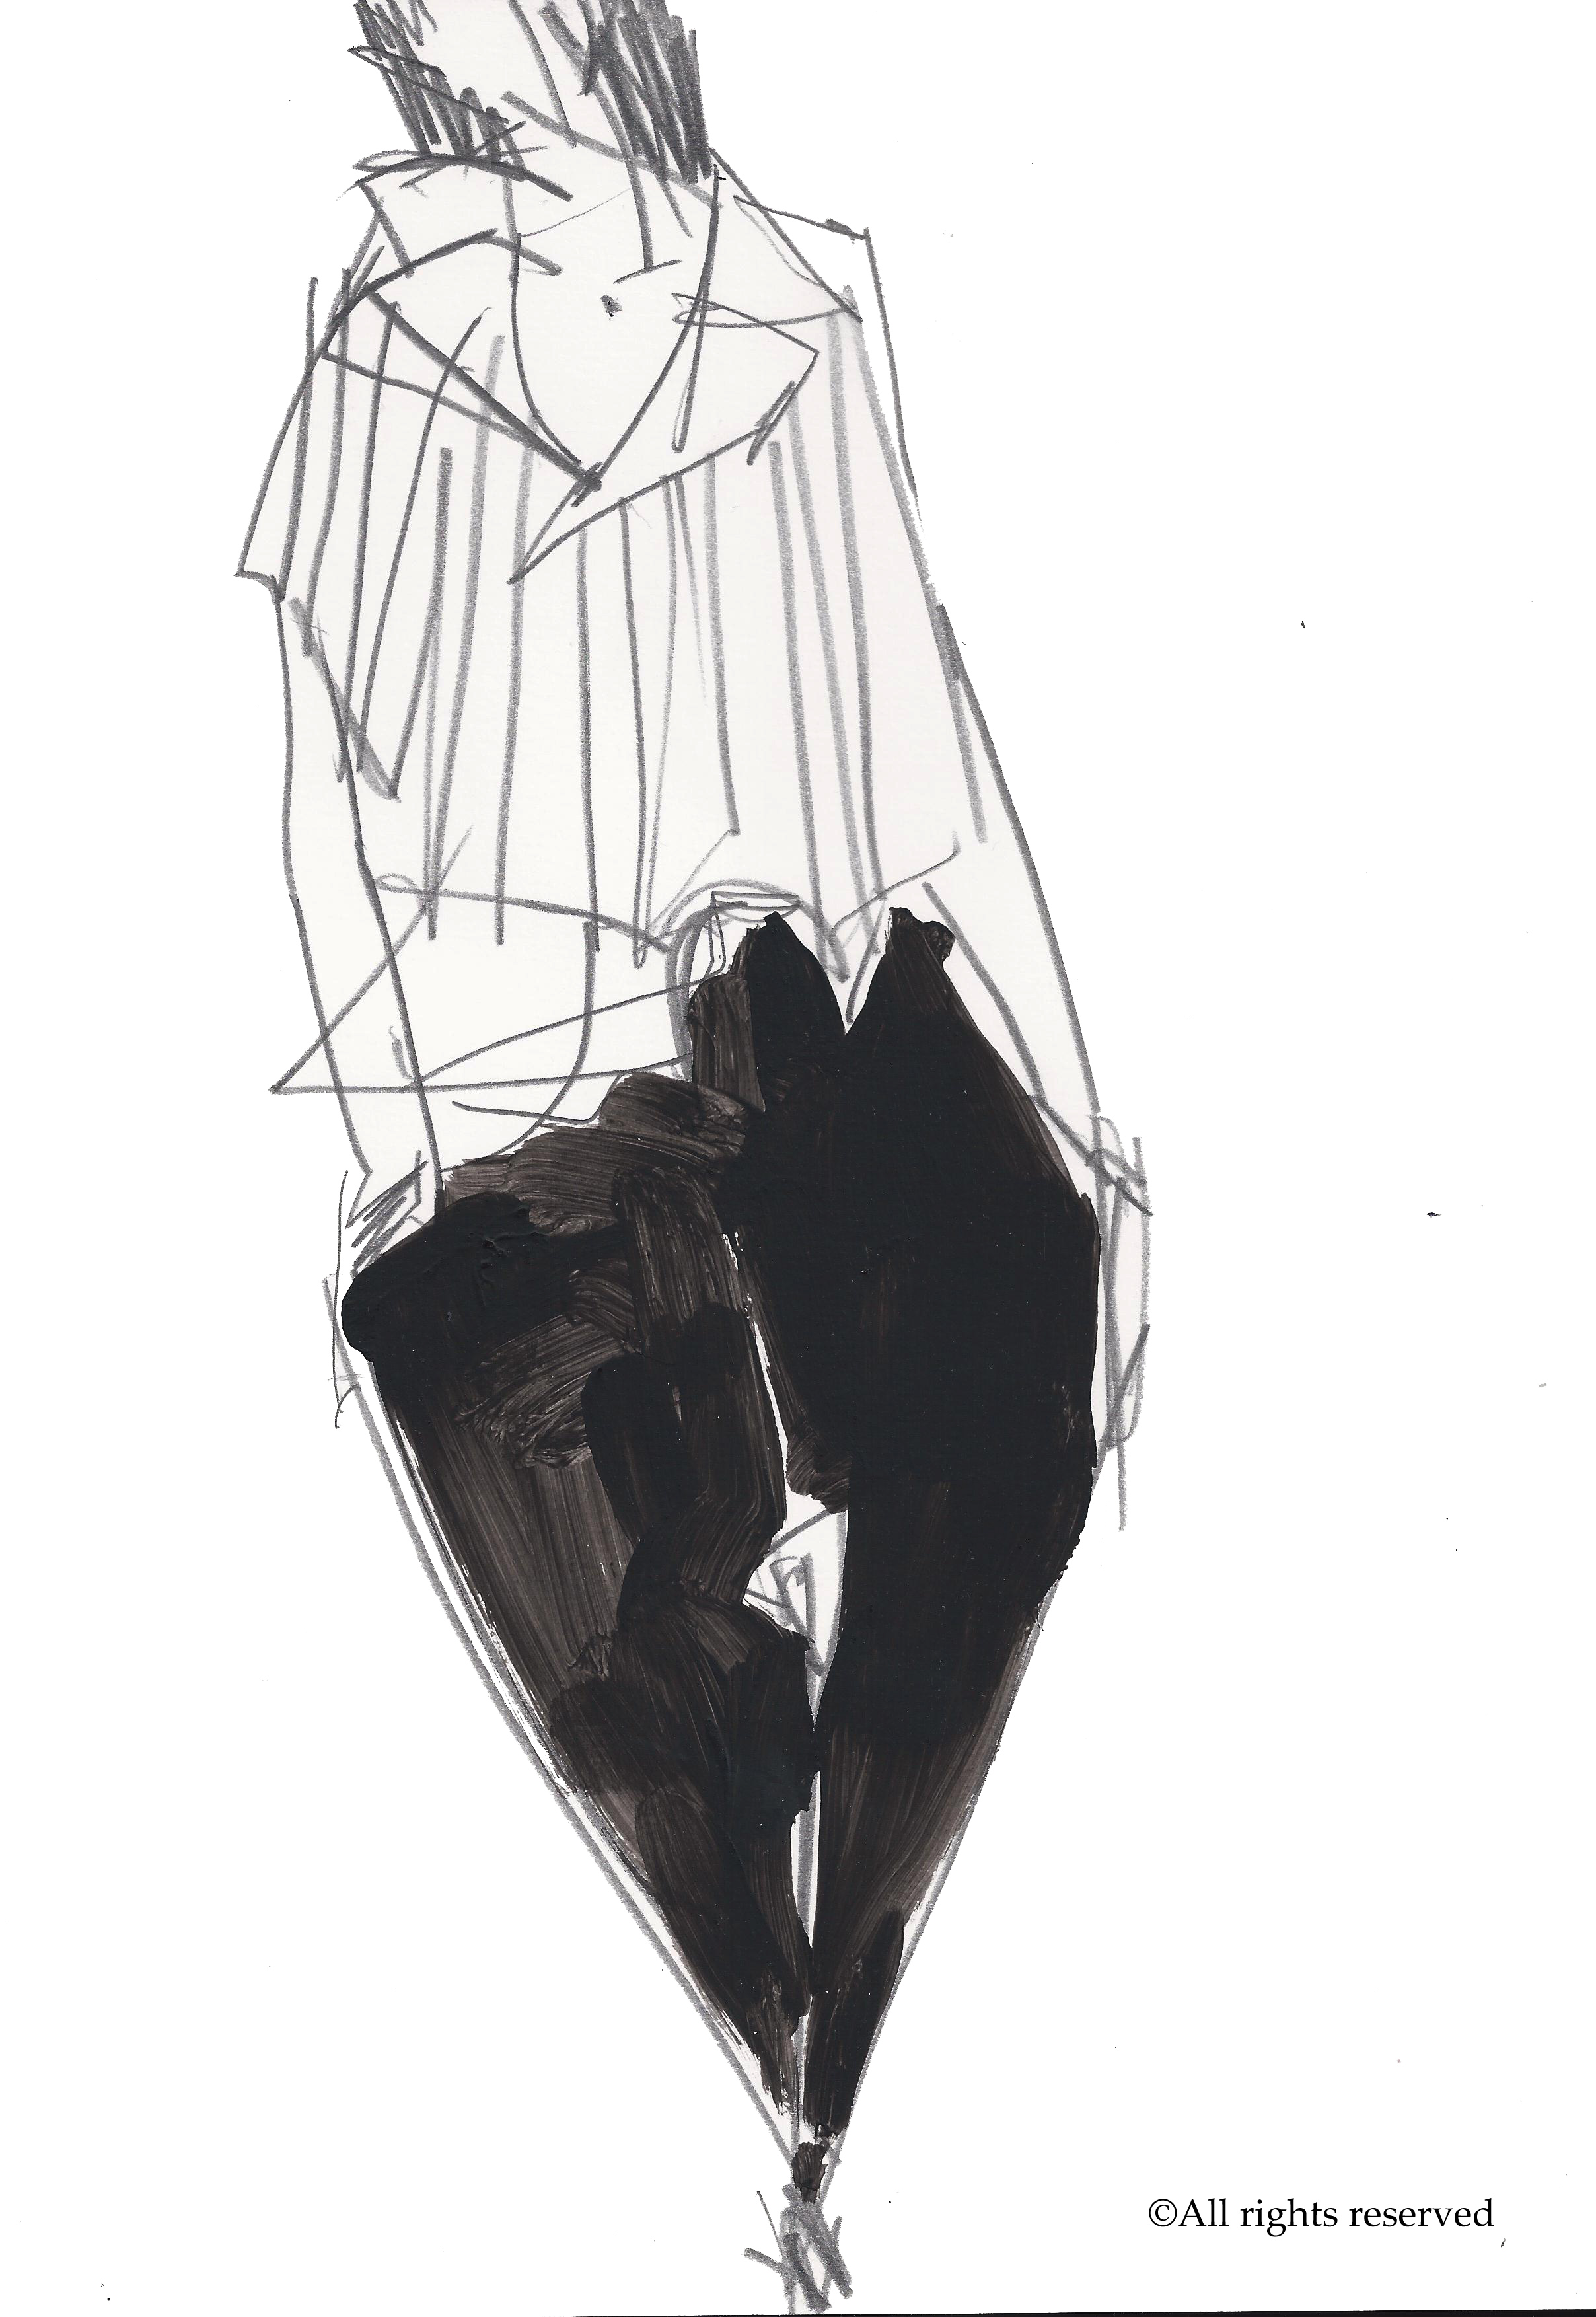 acrylique, crayon